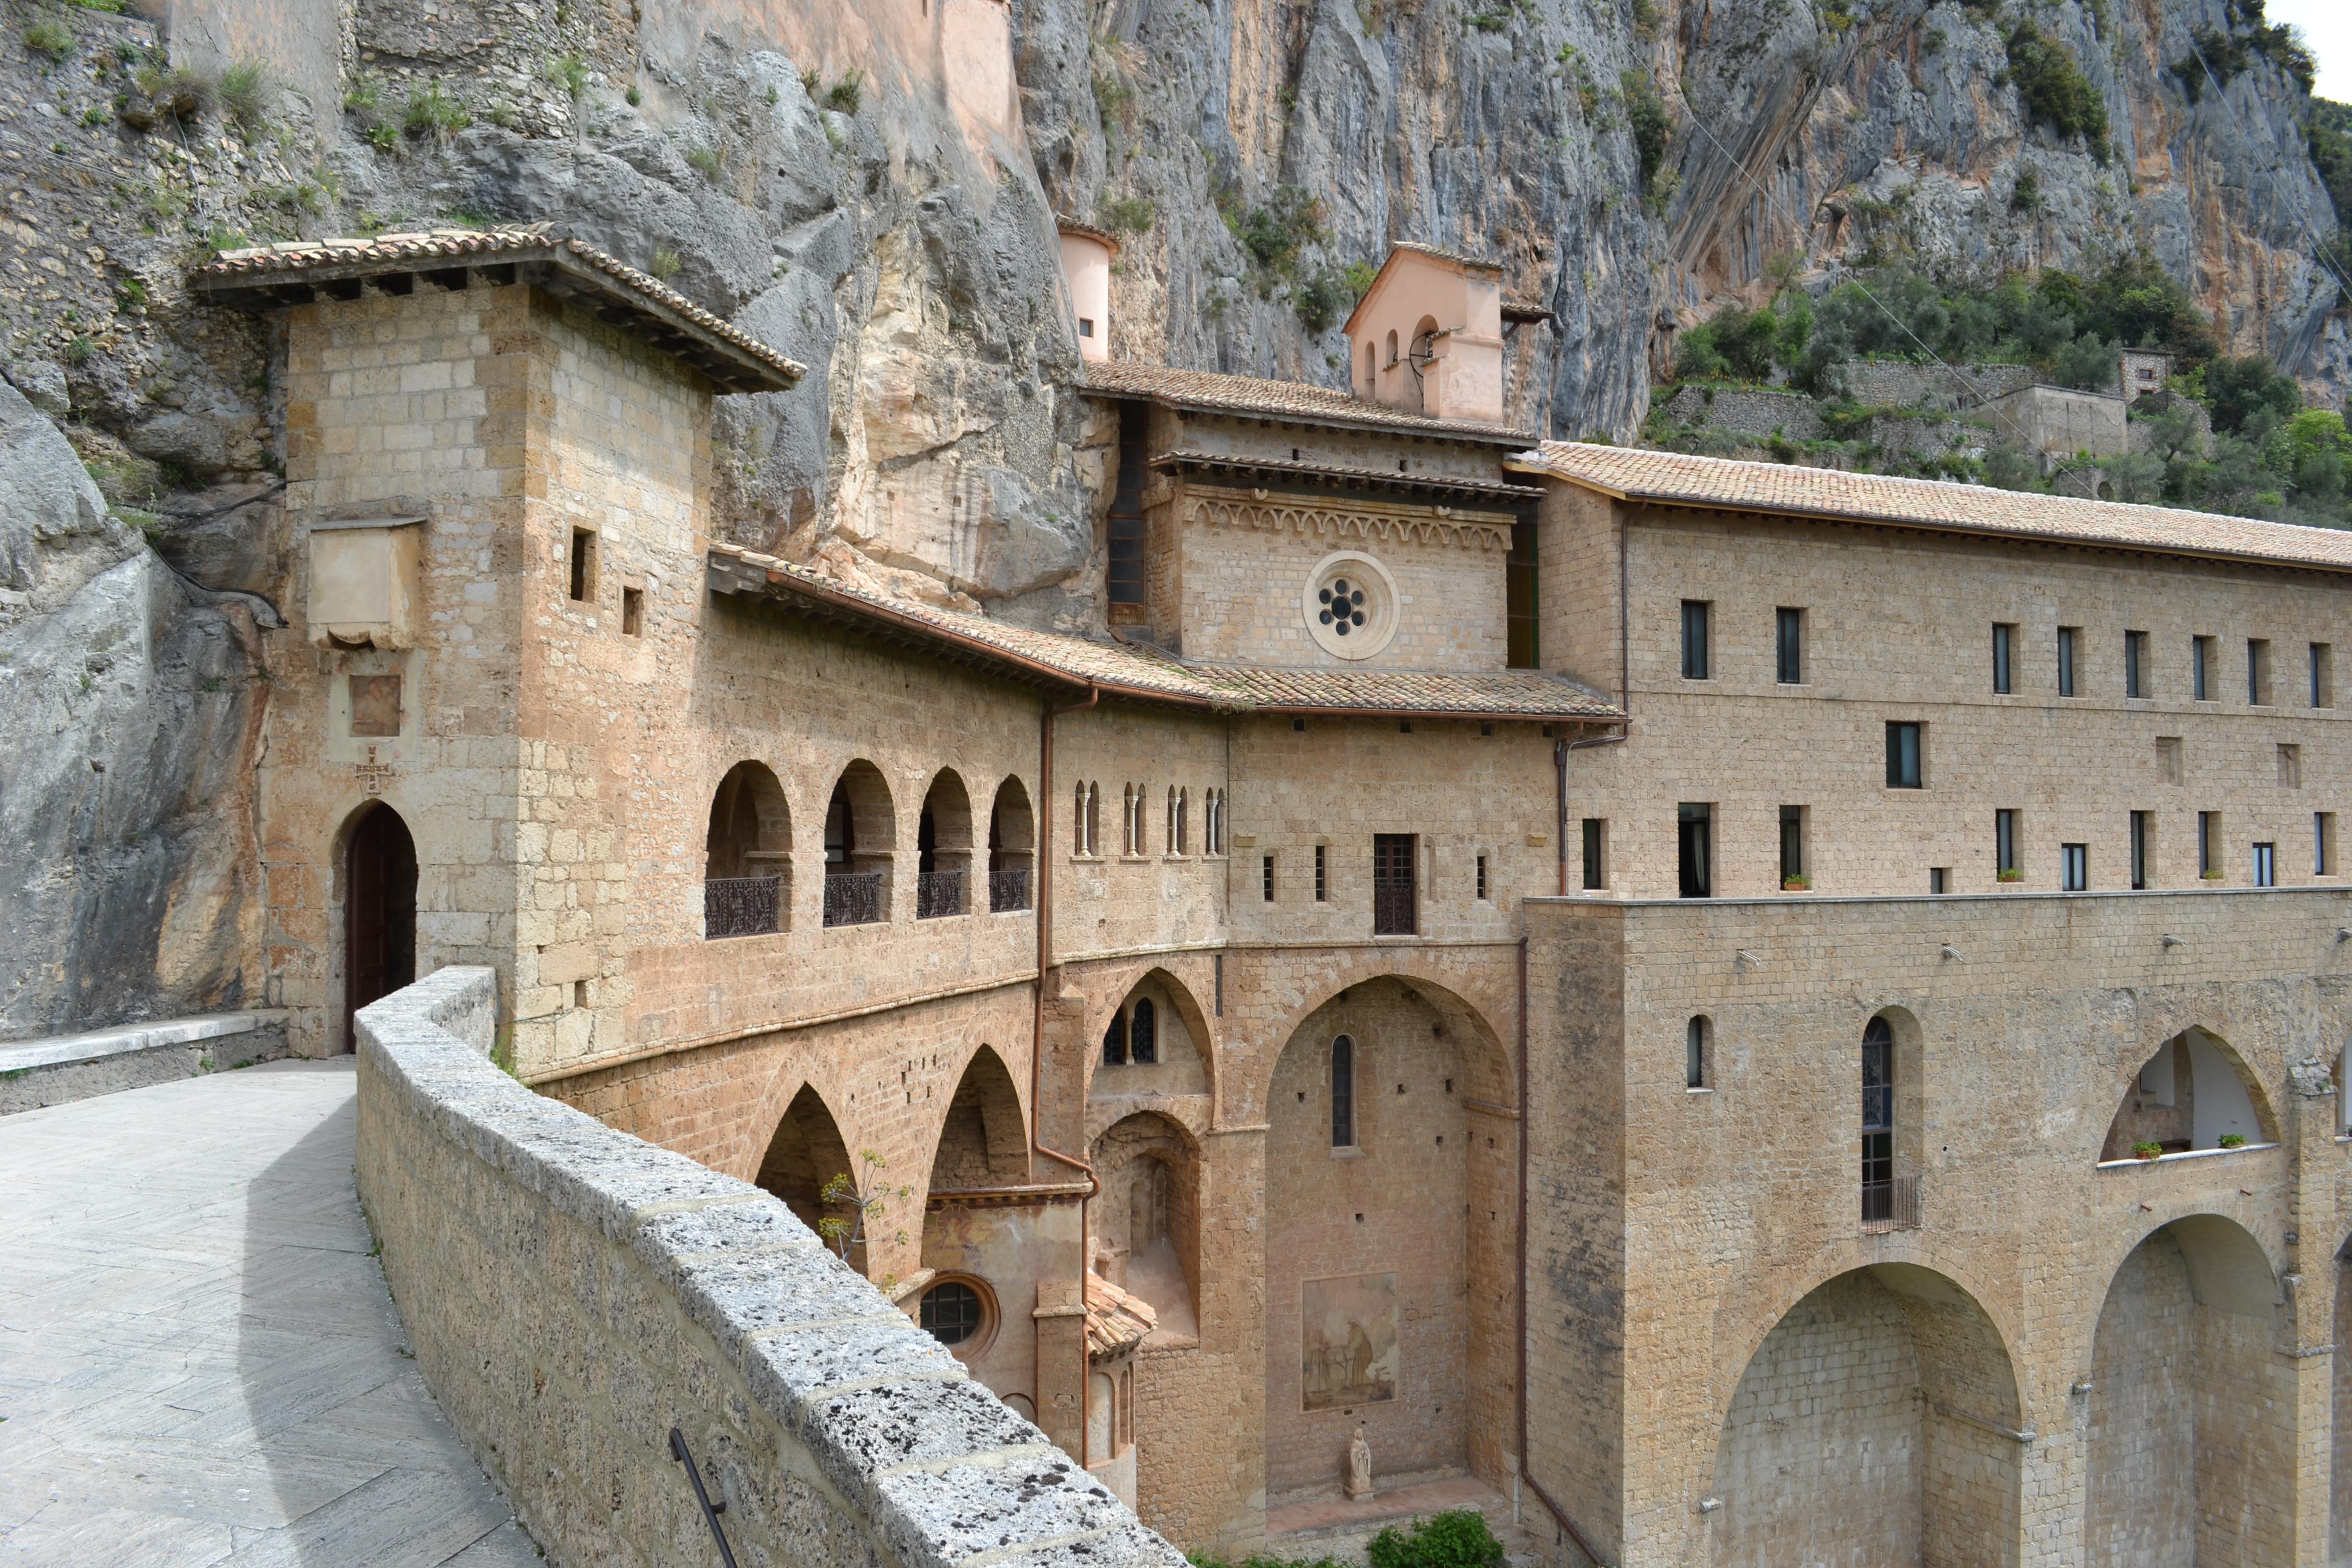 File:Subiaco - Il Sacro Speco di San Benedetto.jpg - Wikipedia